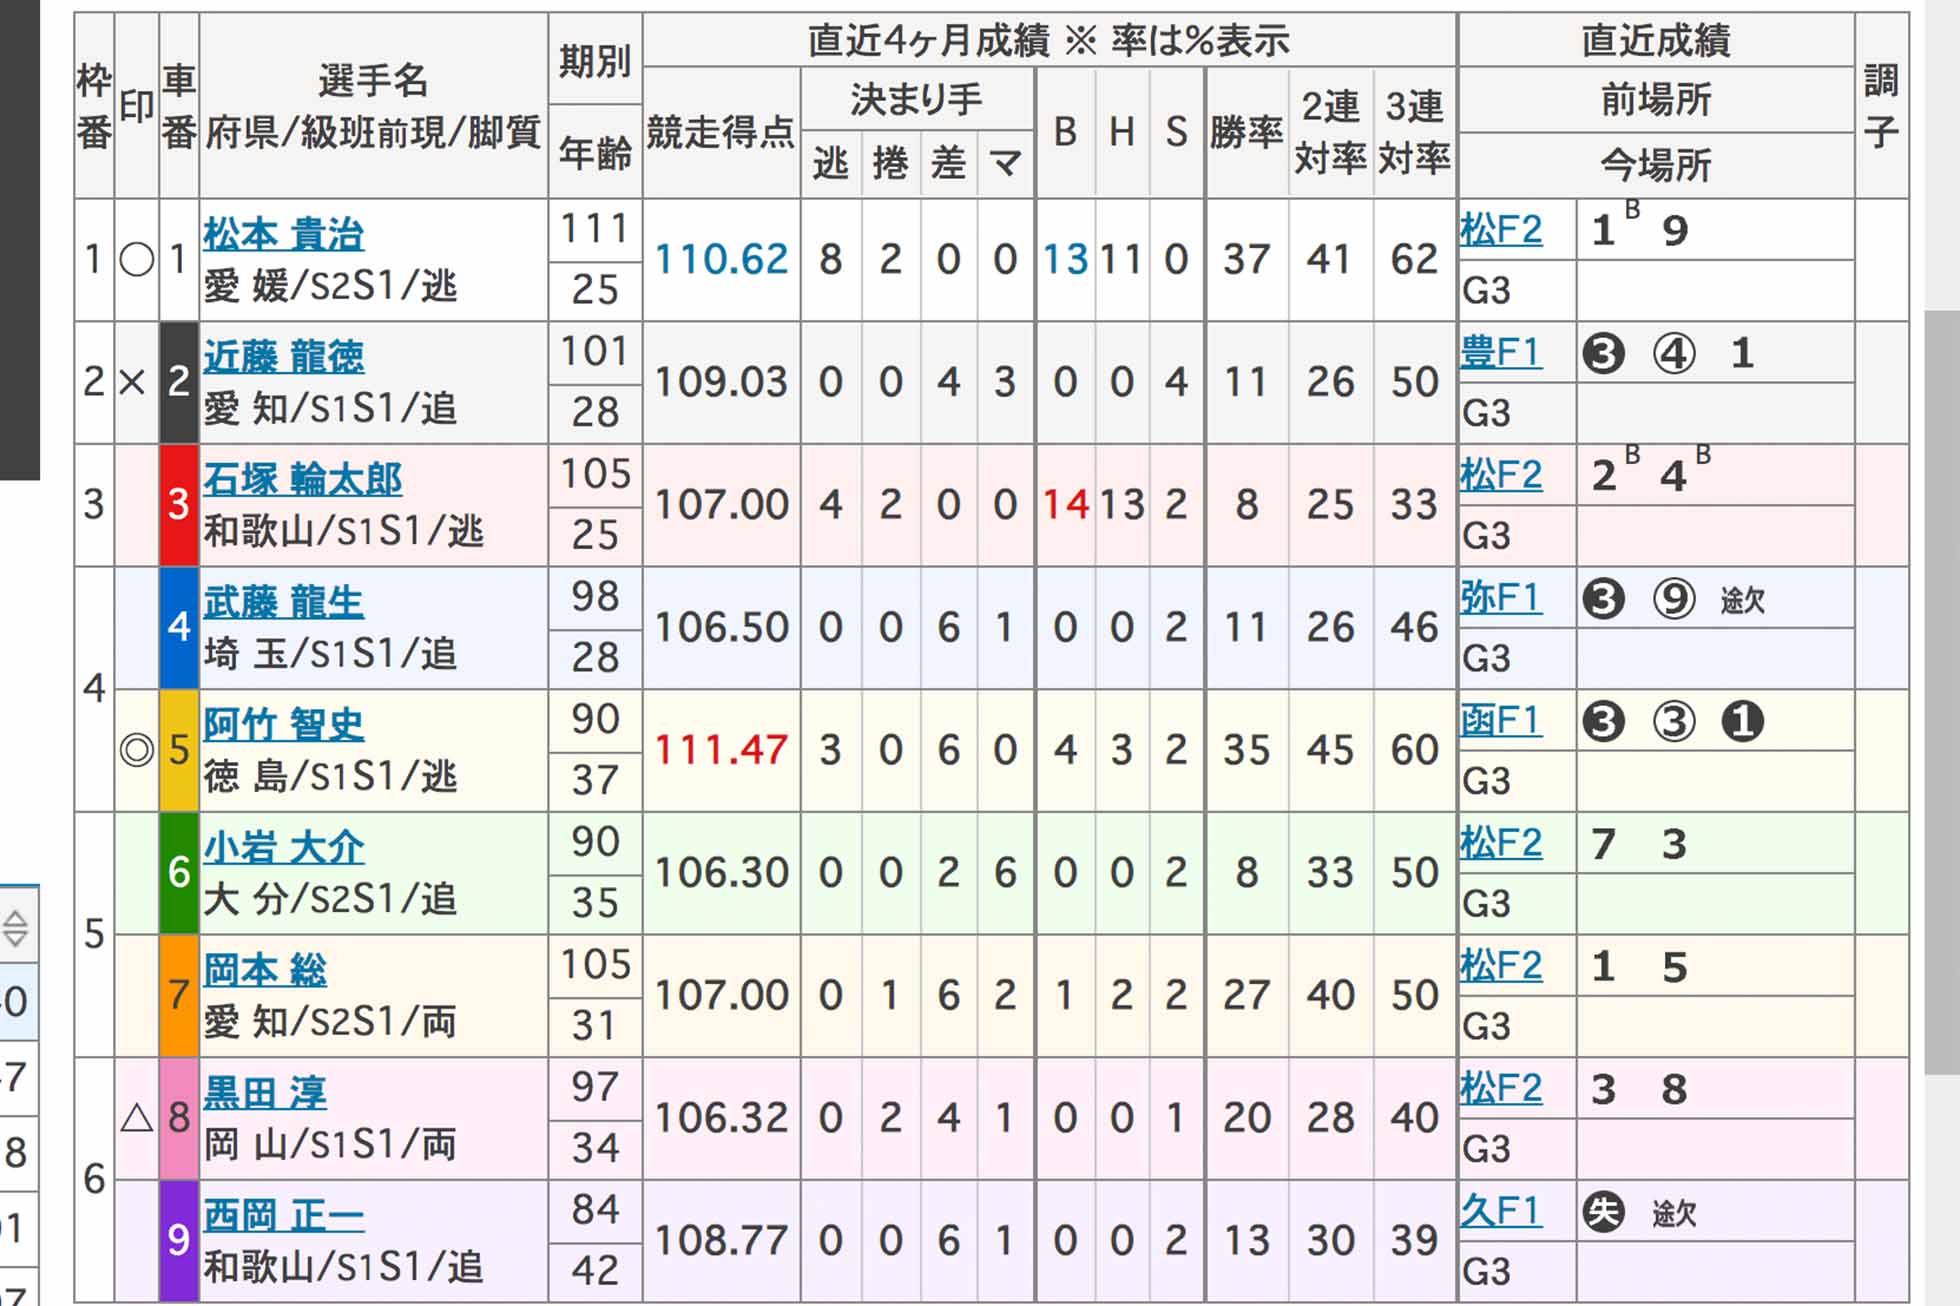 伊東 温泉 競輪 レース 結果